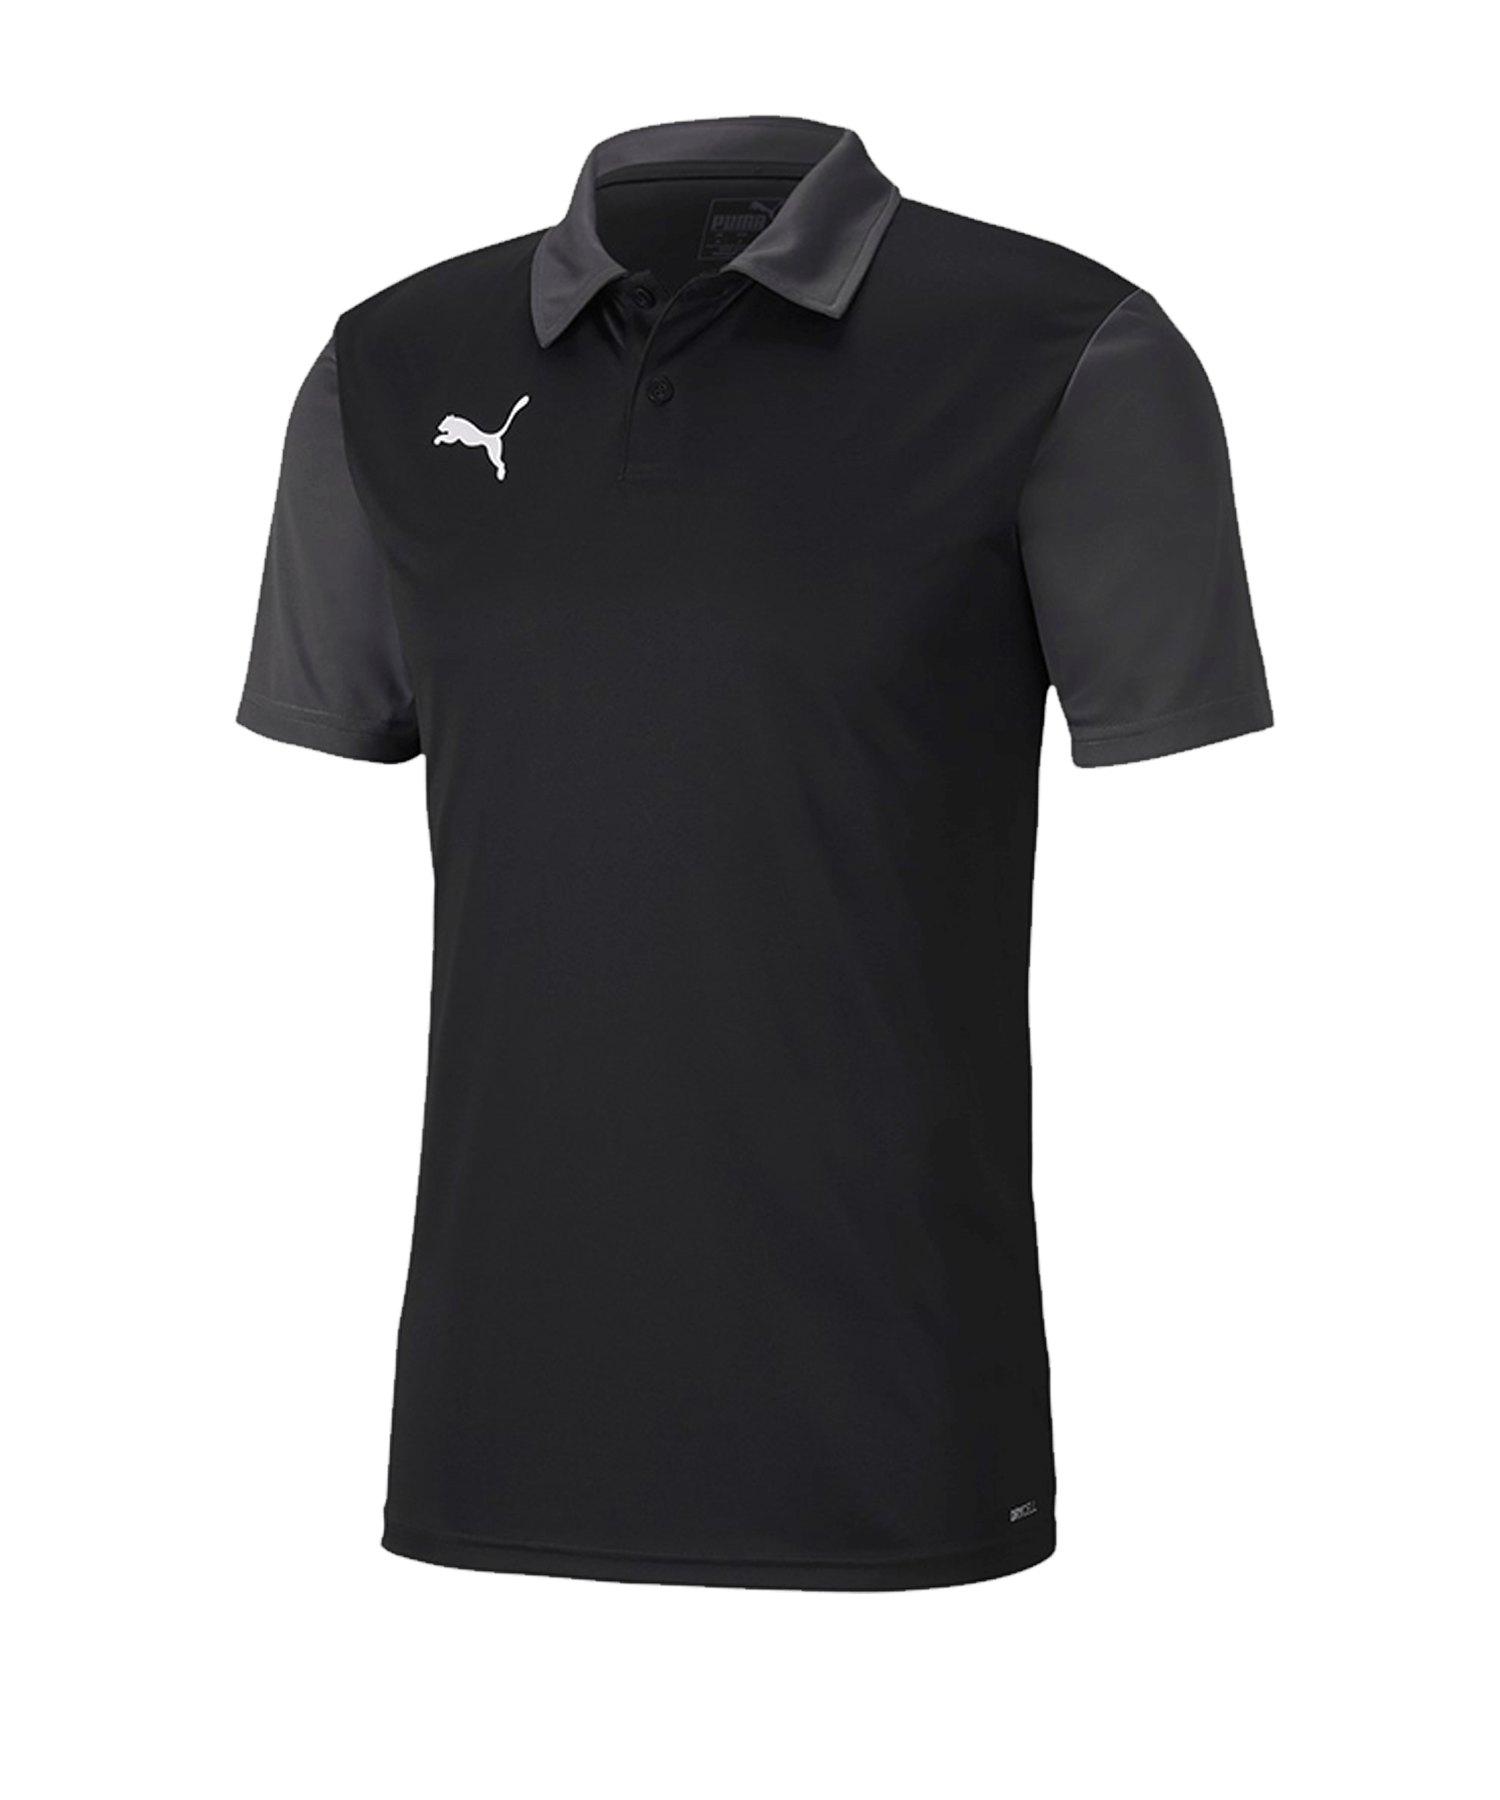 PUMA teamGOAL 23 Sideline Poloshirt Schwarz F03 - schwarz